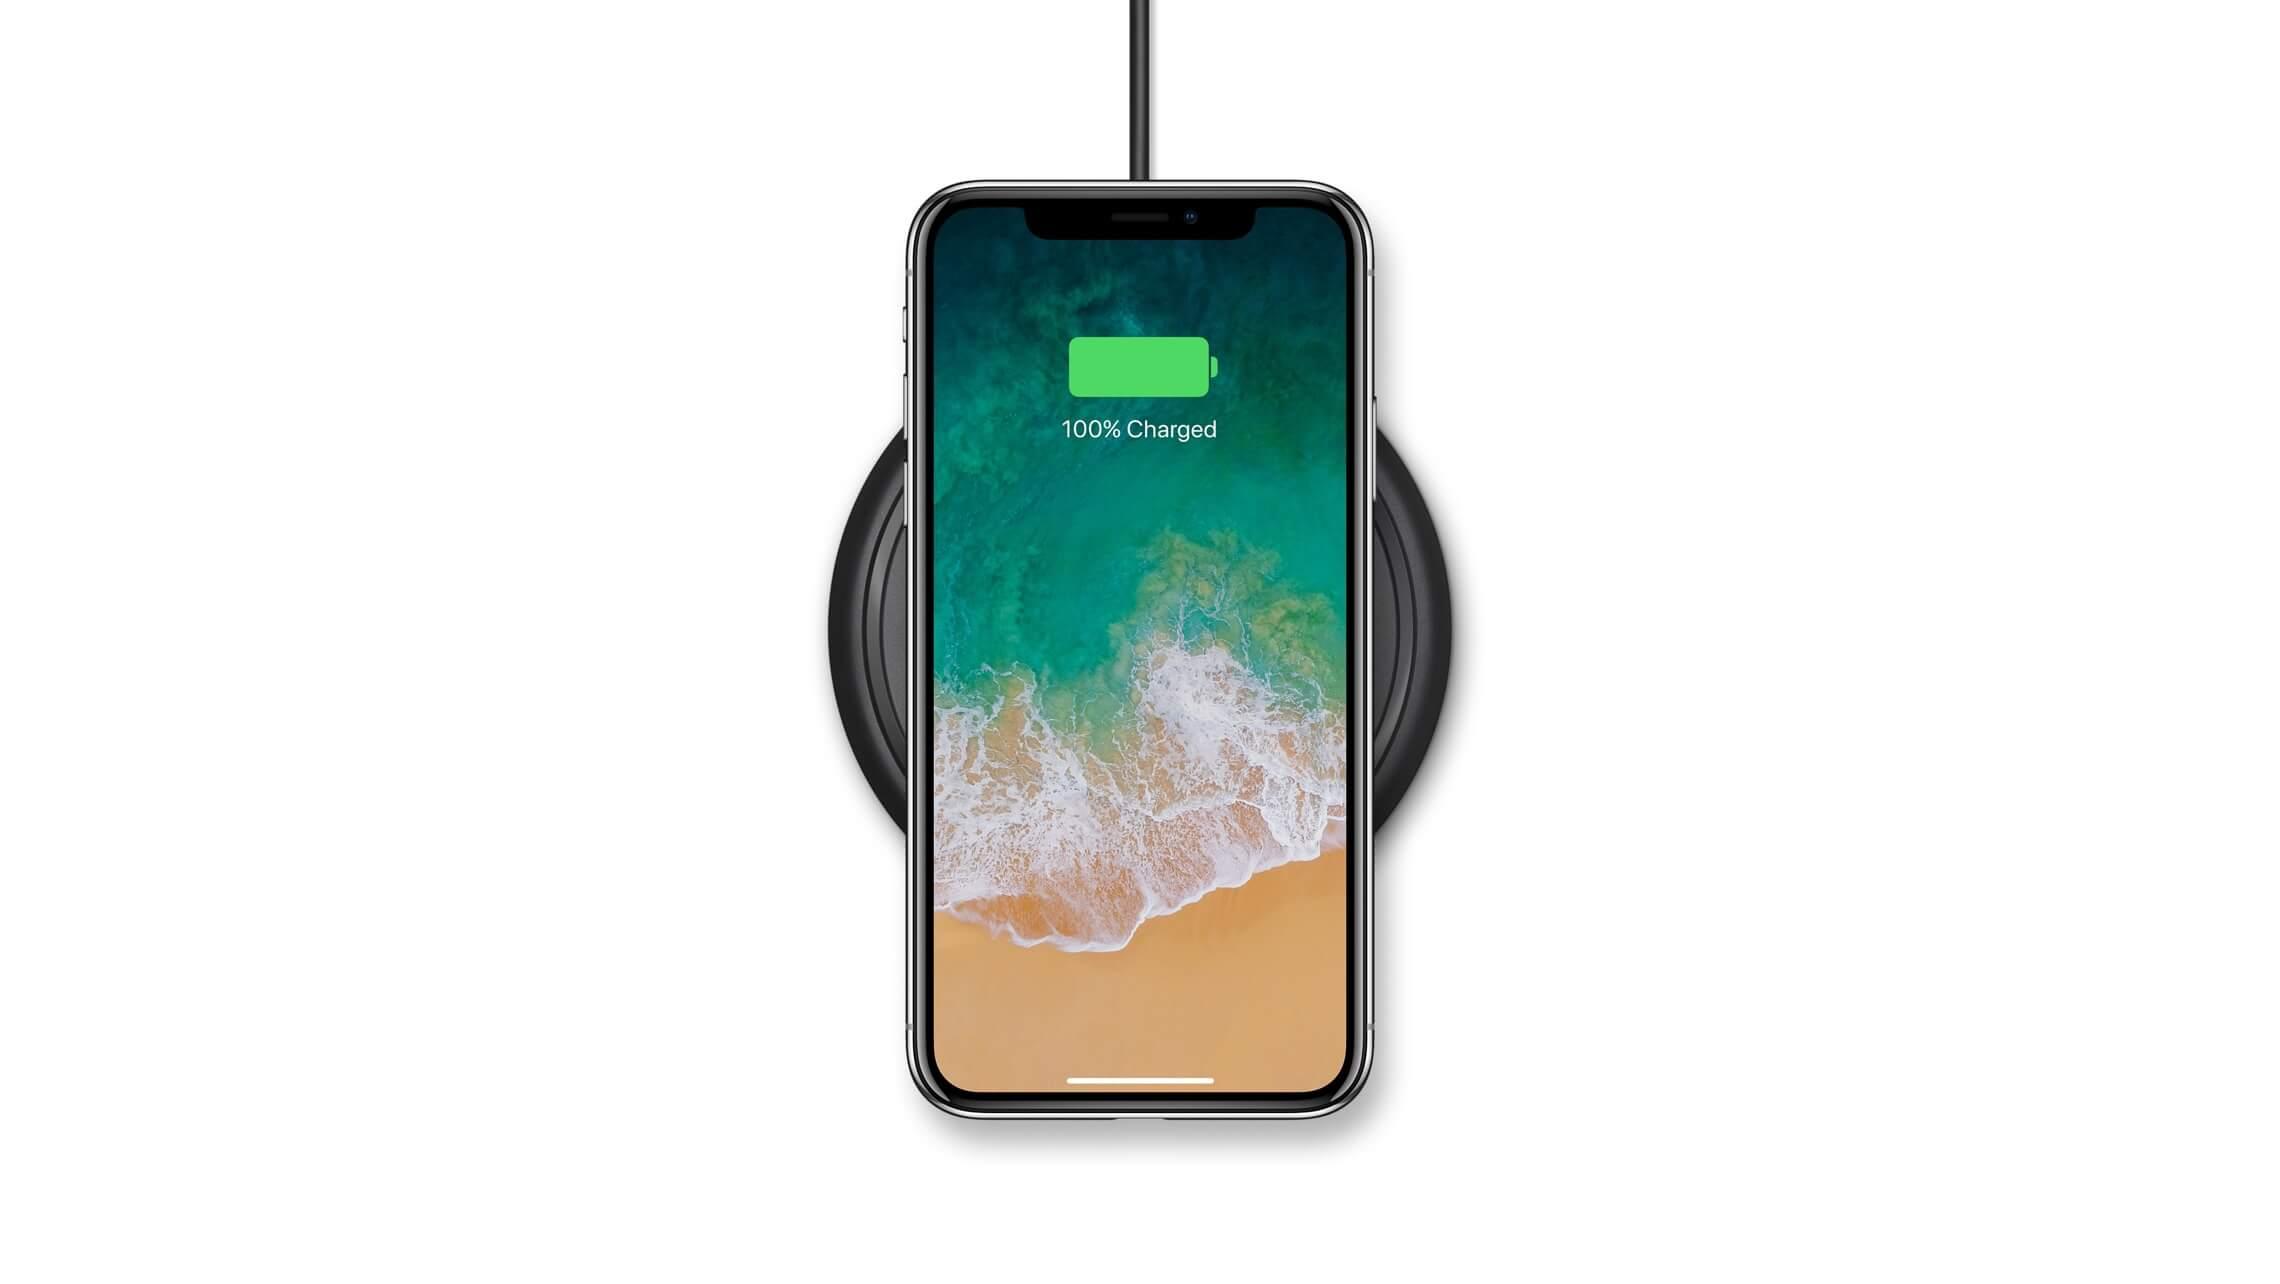 iphone lader effekt